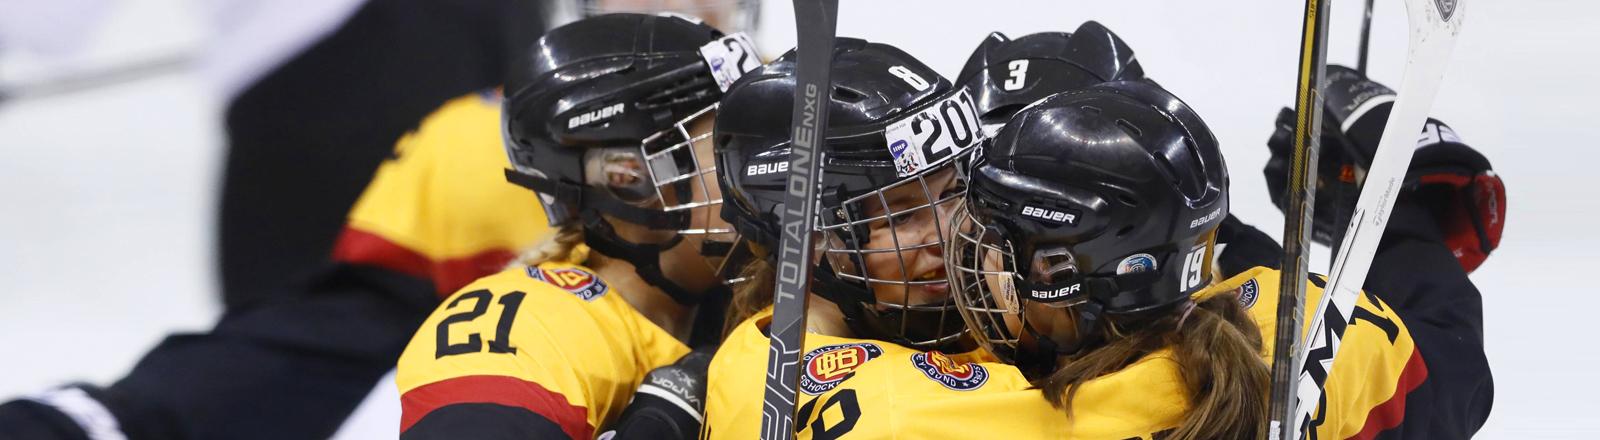 Eishockey-Nationalteam der deutschen Frauen bei der WM in USA 2017